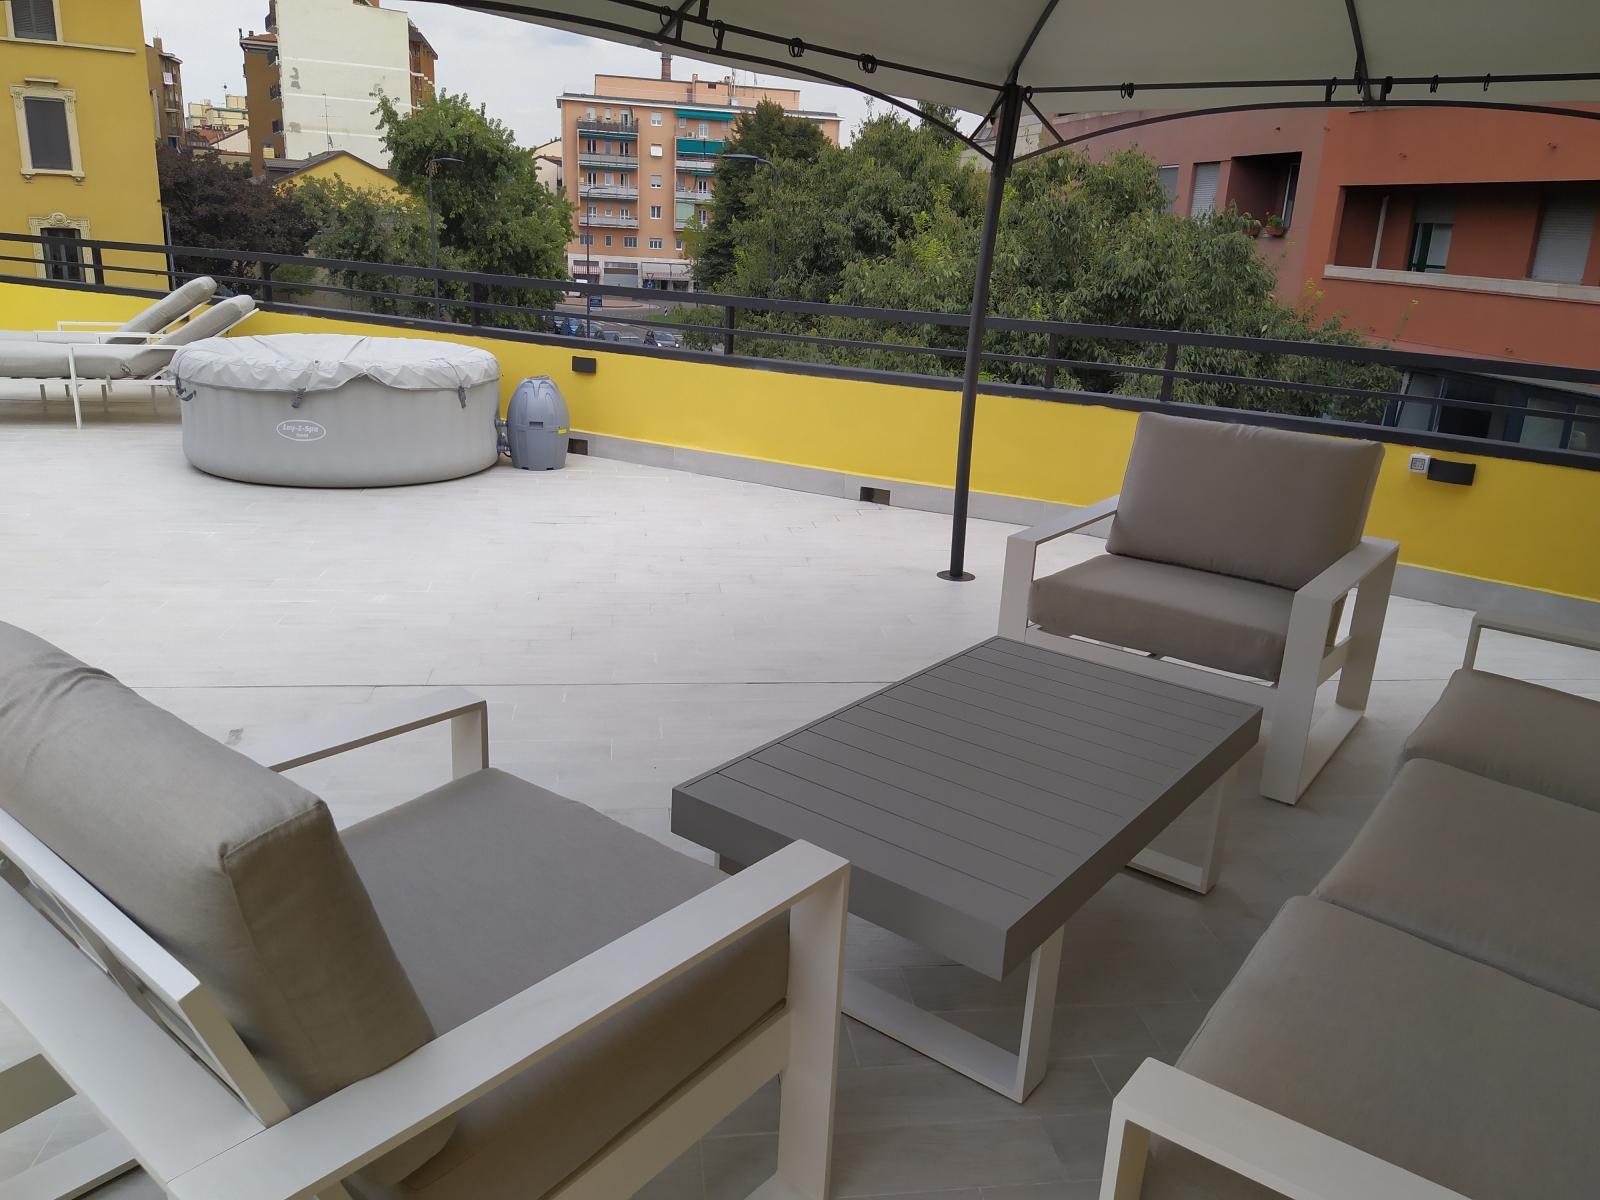 appartamento-in-vendita-milano-bovisa-piazza-dergano-3-locali-con-terrazzo-spaziourbano-immobiliare-vende-18